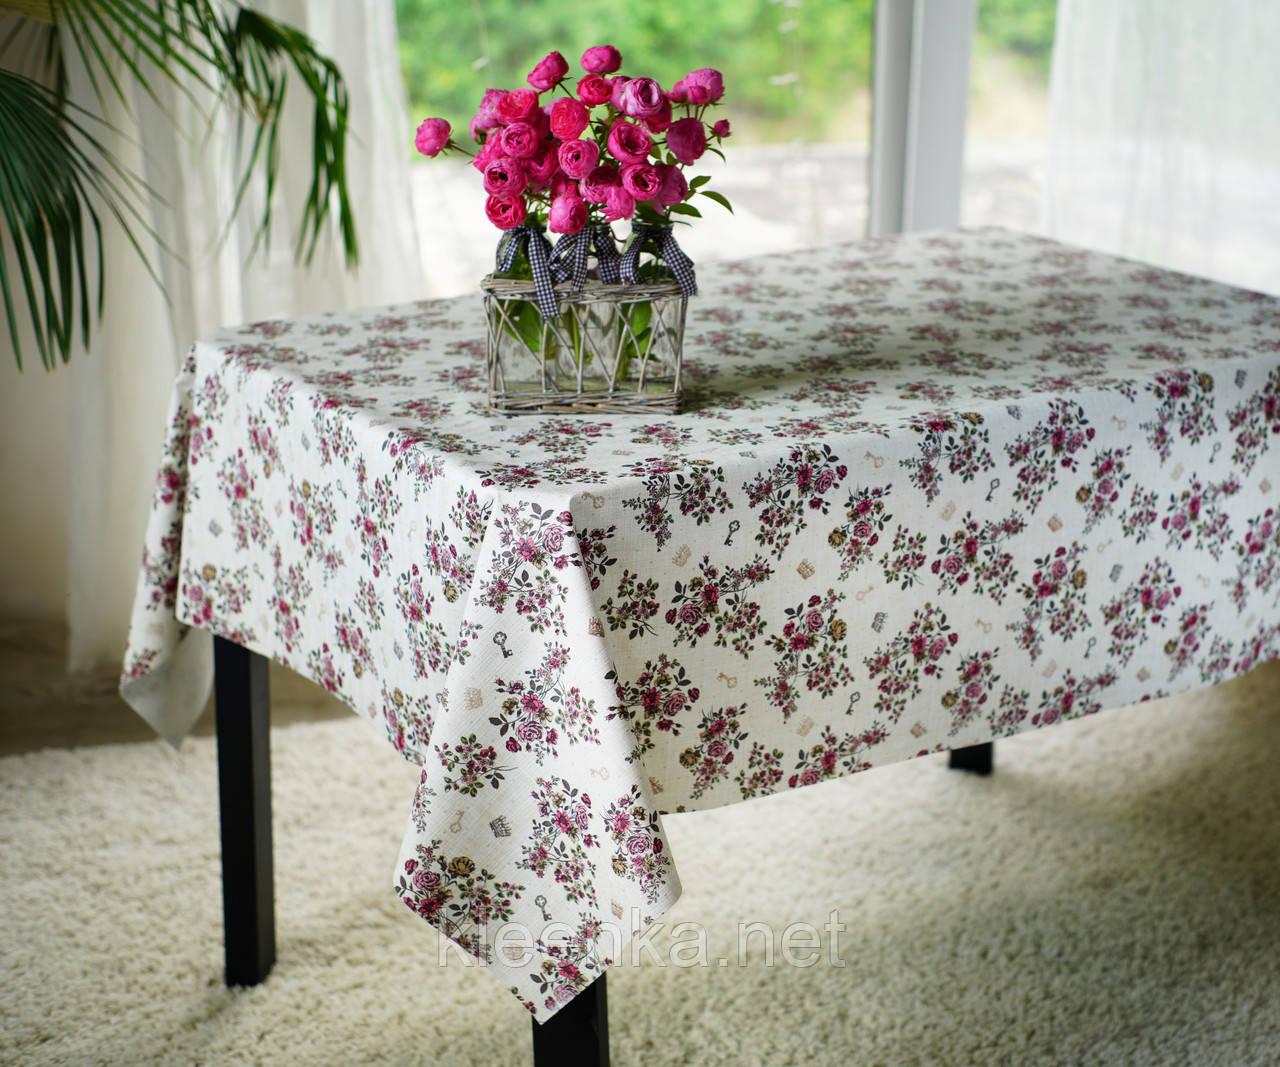 Клеенка с розочками на тканевой основе в кафе, столовую, для дома